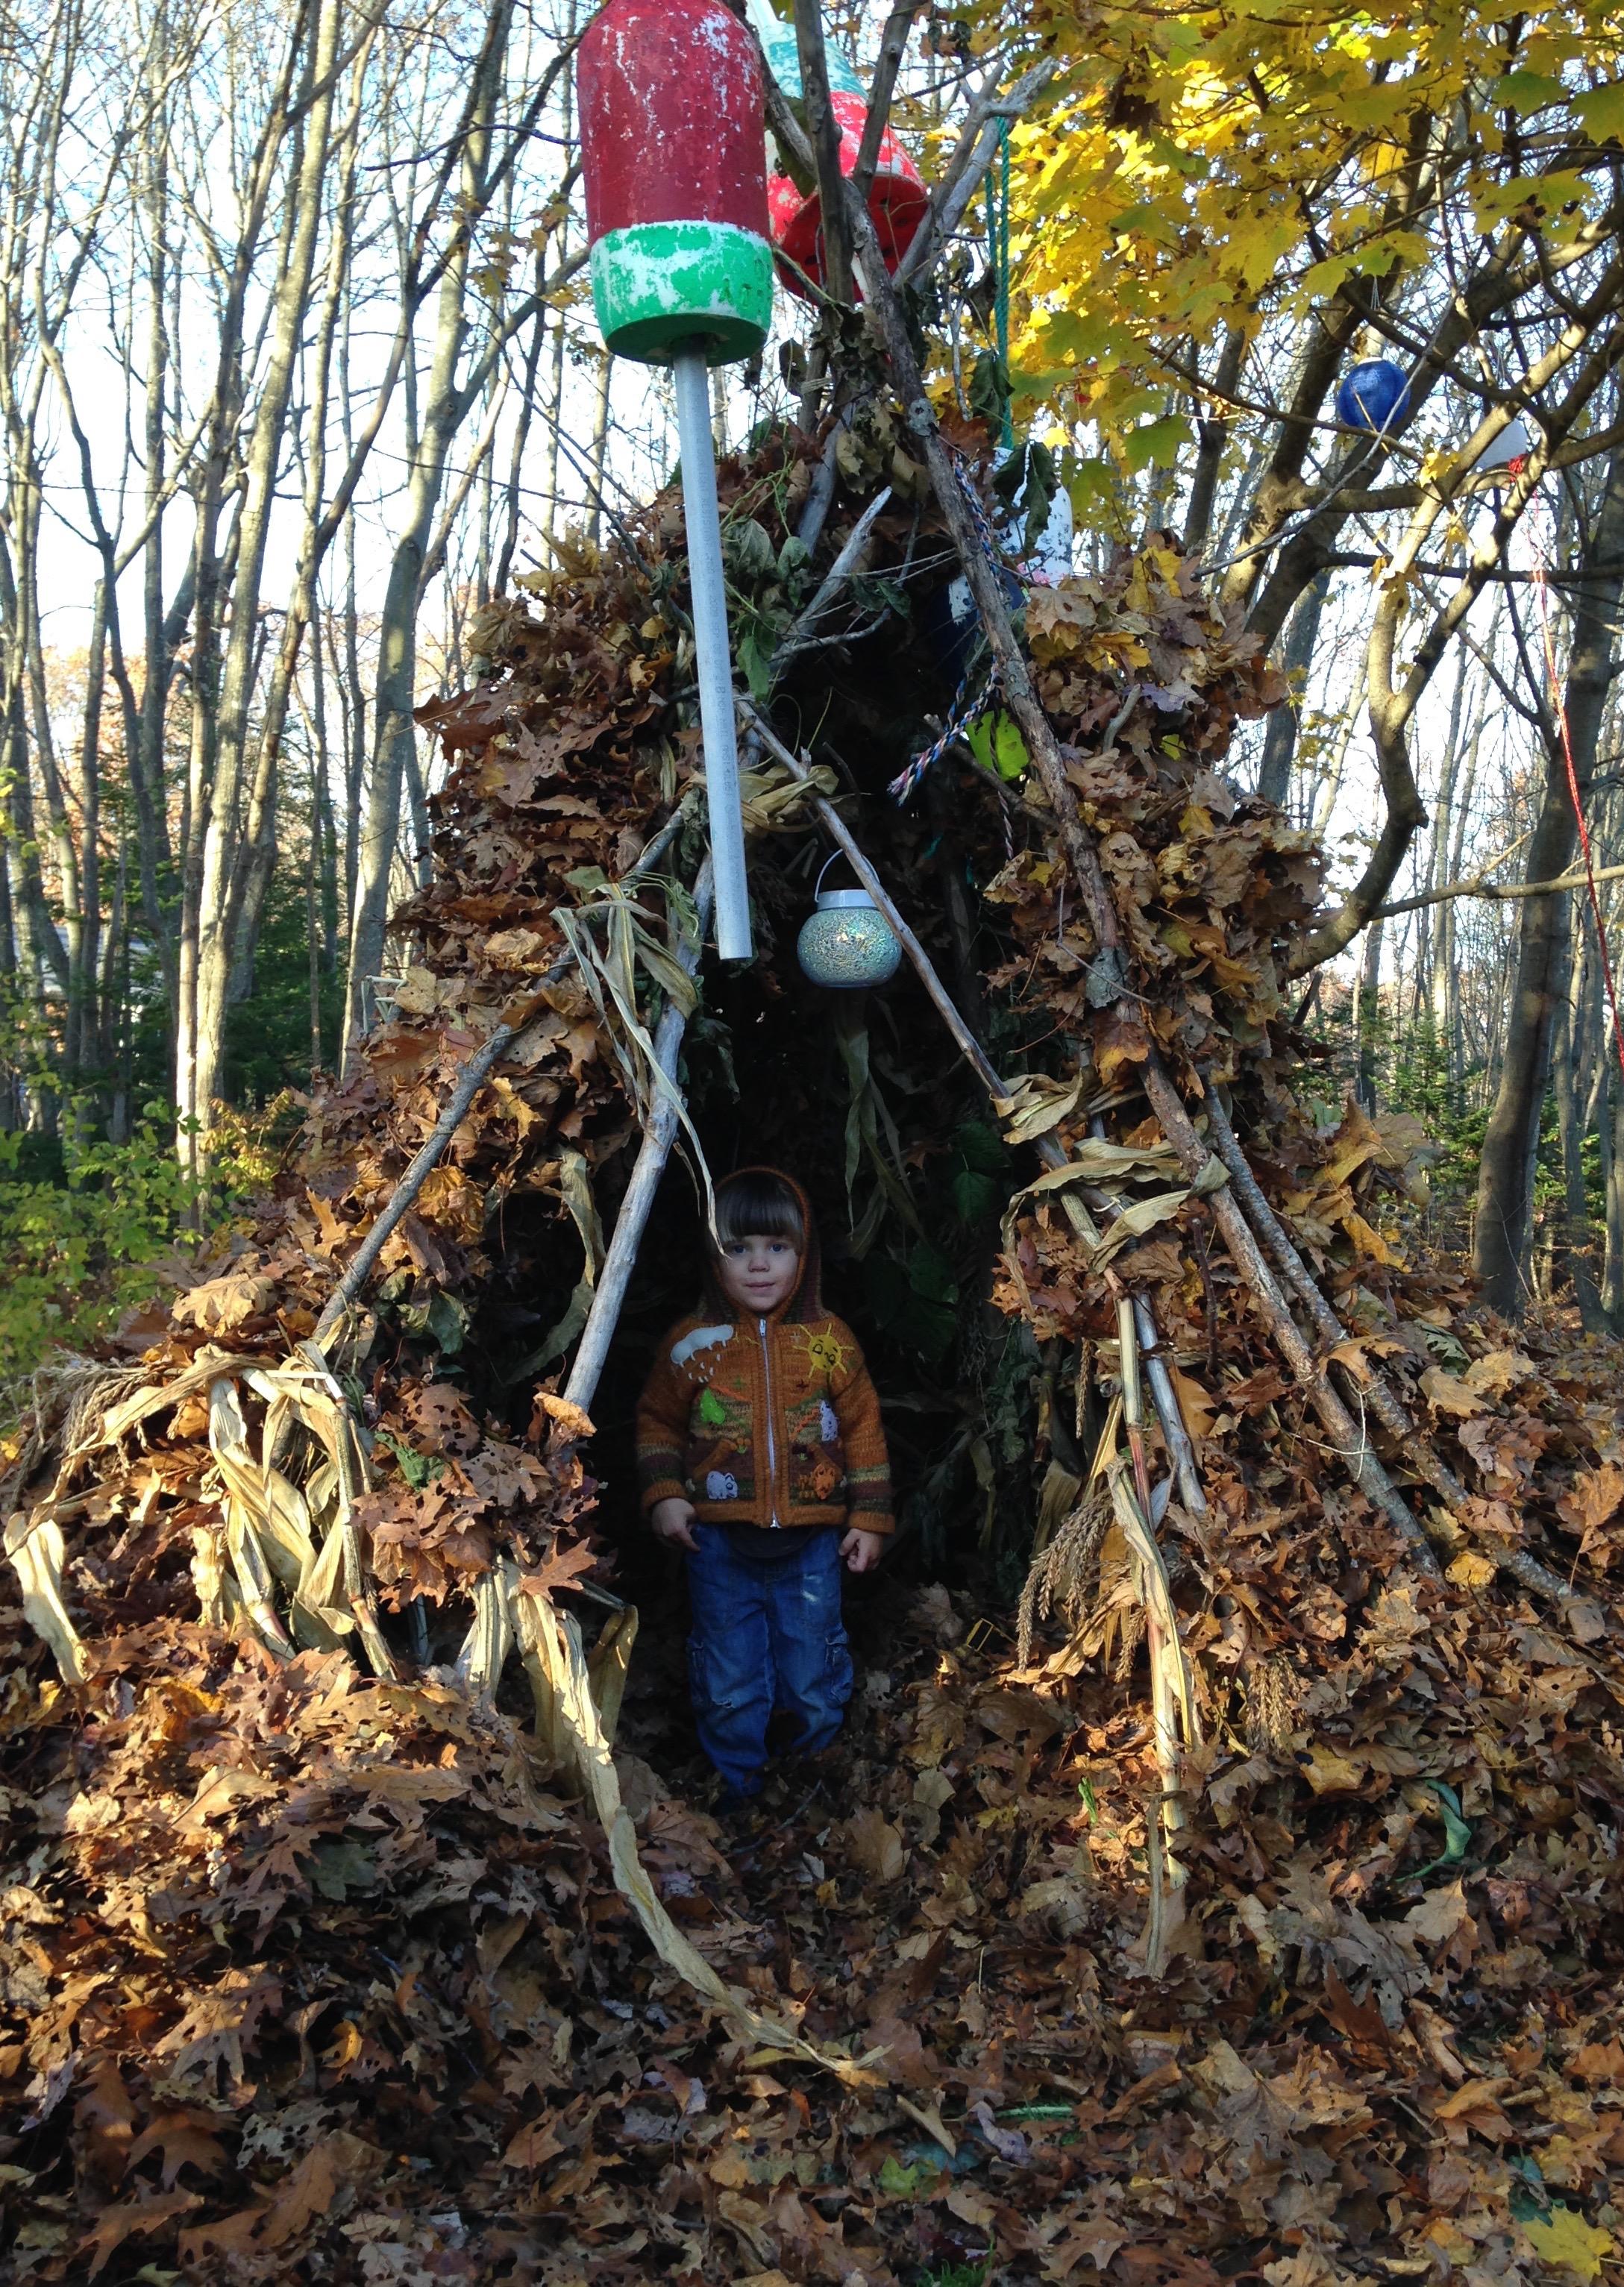 Backyard fun, fall teepee